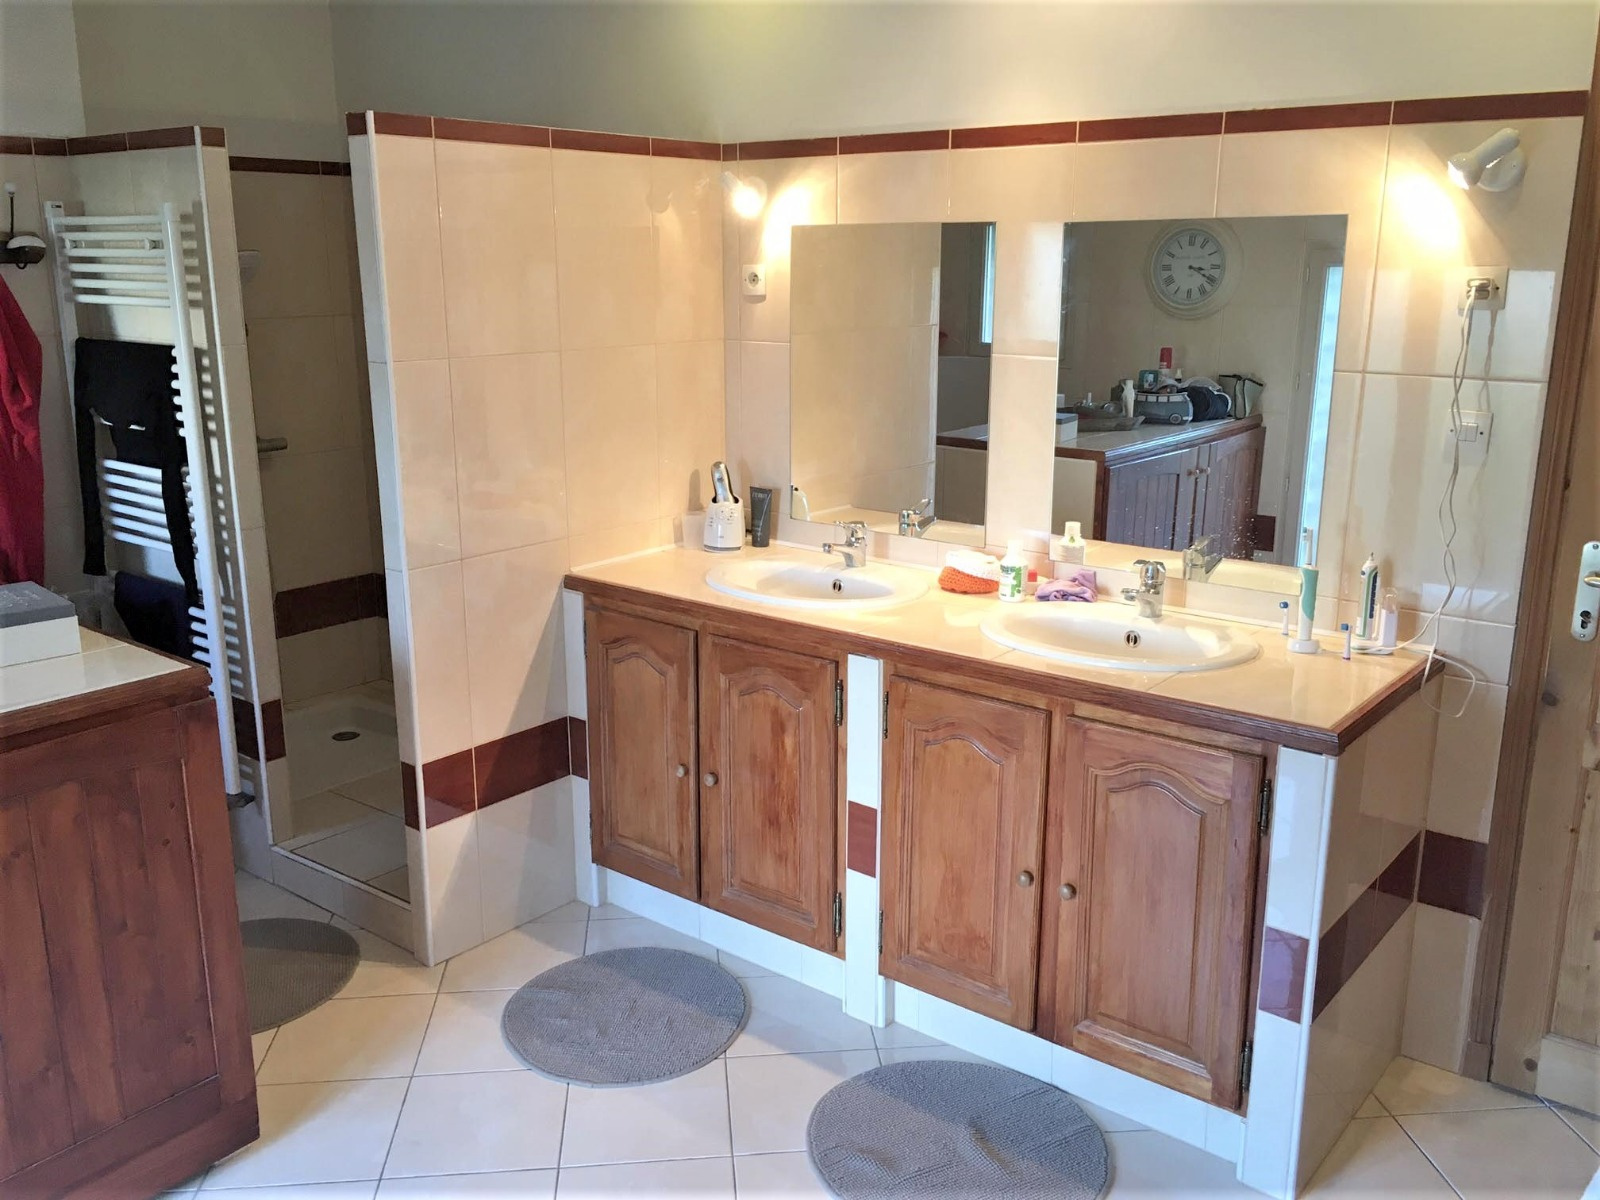 vente prix r duit une maison familiale et spacieuse de bon go t. Black Bedroom Furniture Sets. Home Design Ideas